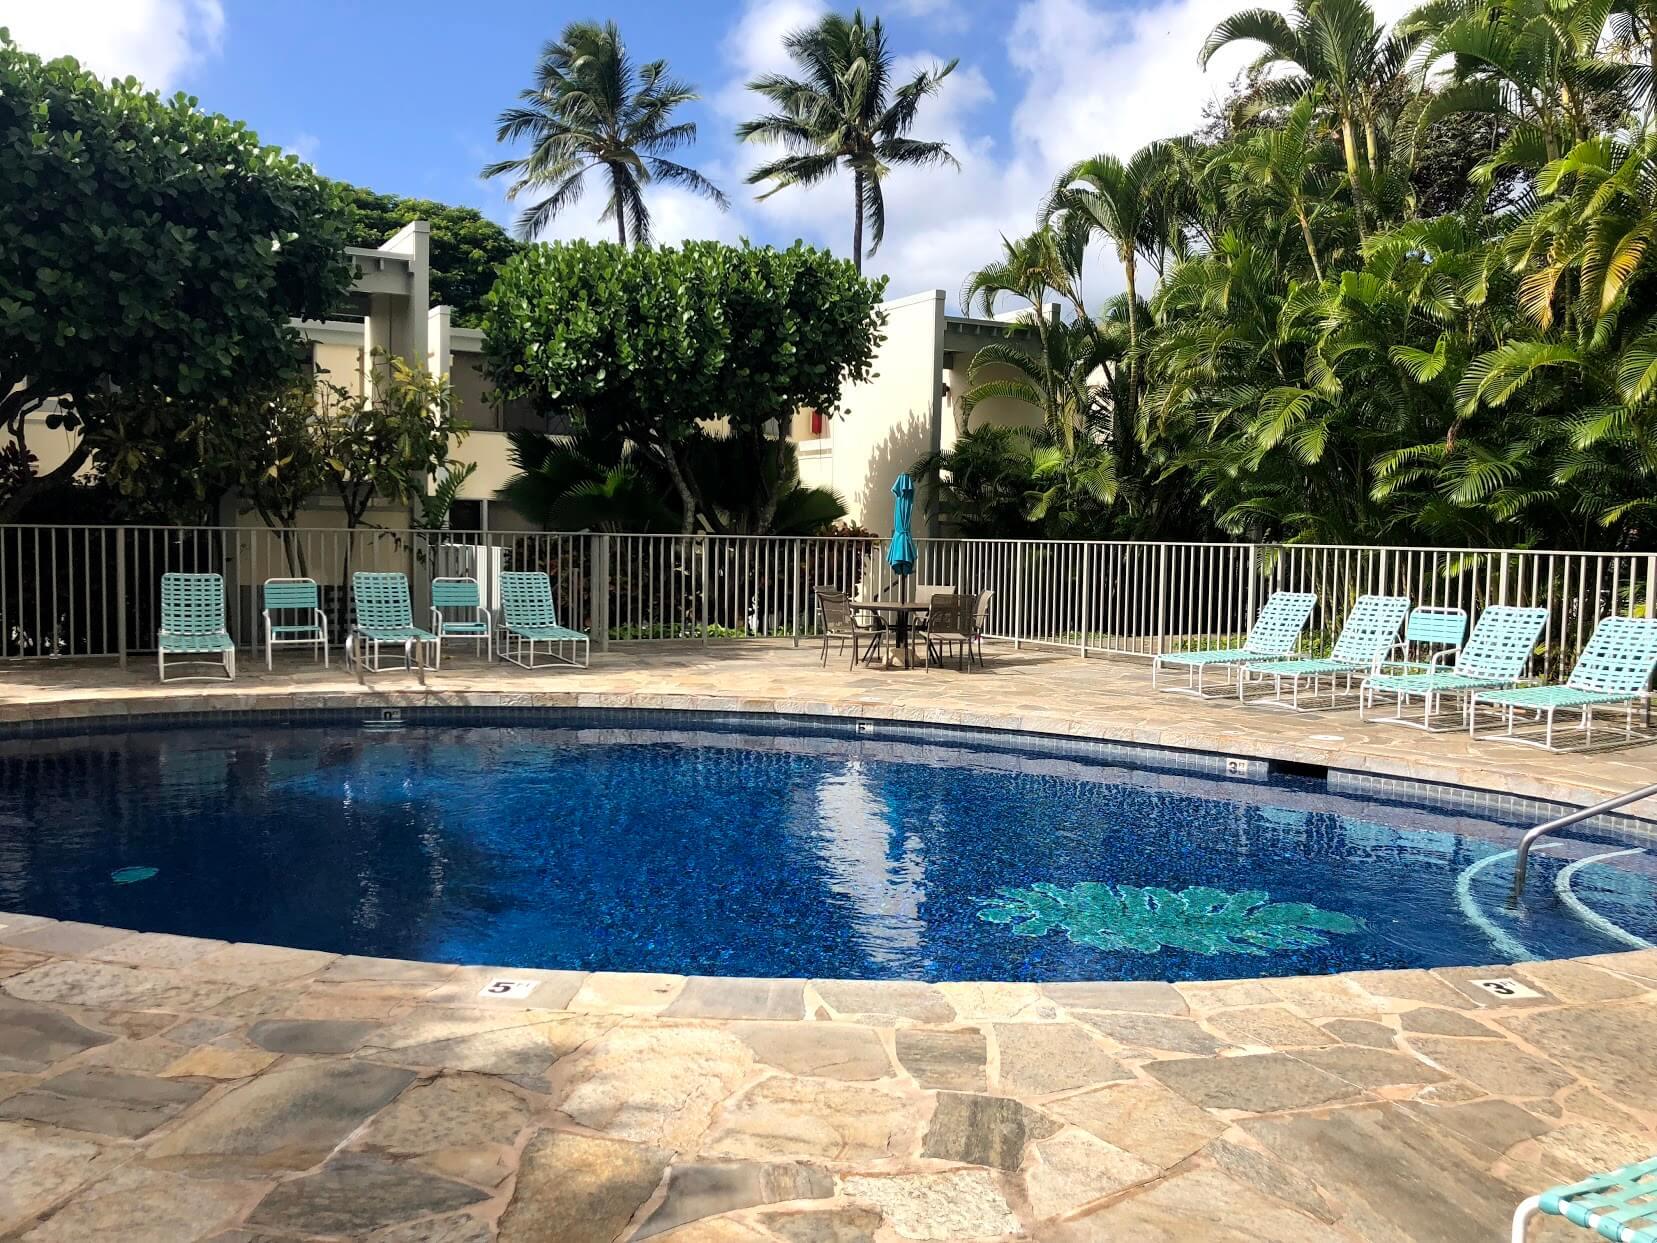 Plaza Hawaii Kai 6770のプール